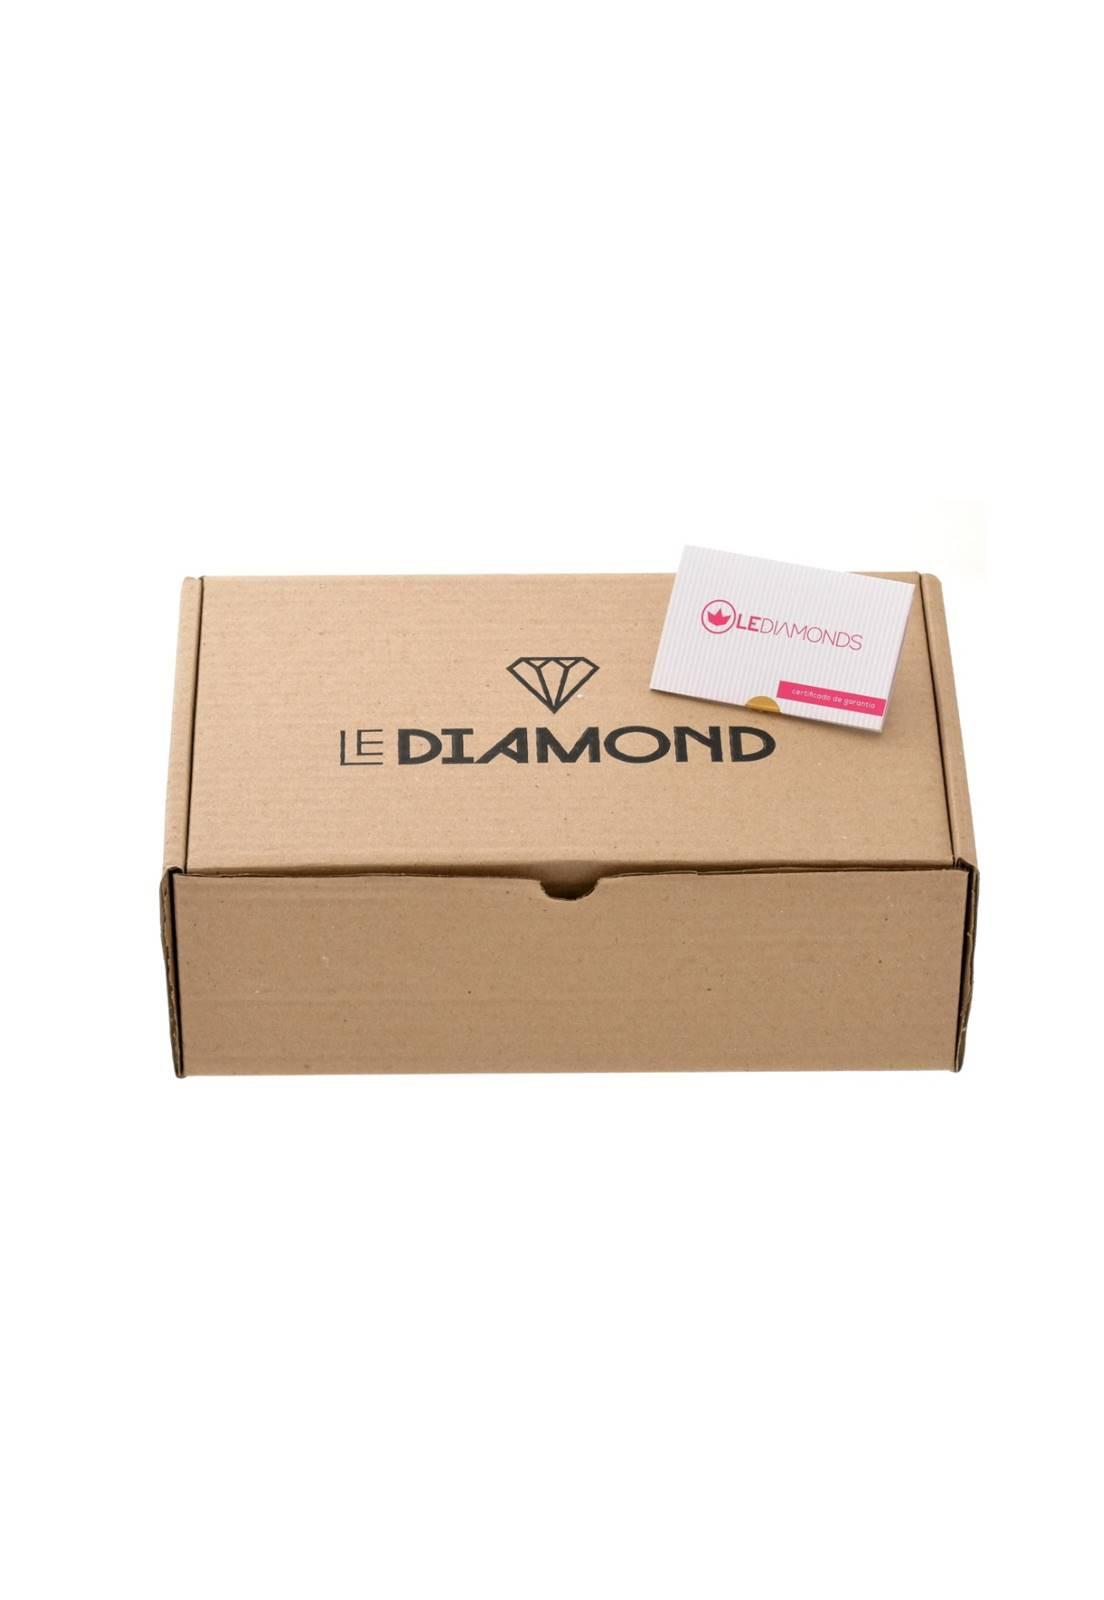 Brinco Le Diamond Metal com Pedras Dourada